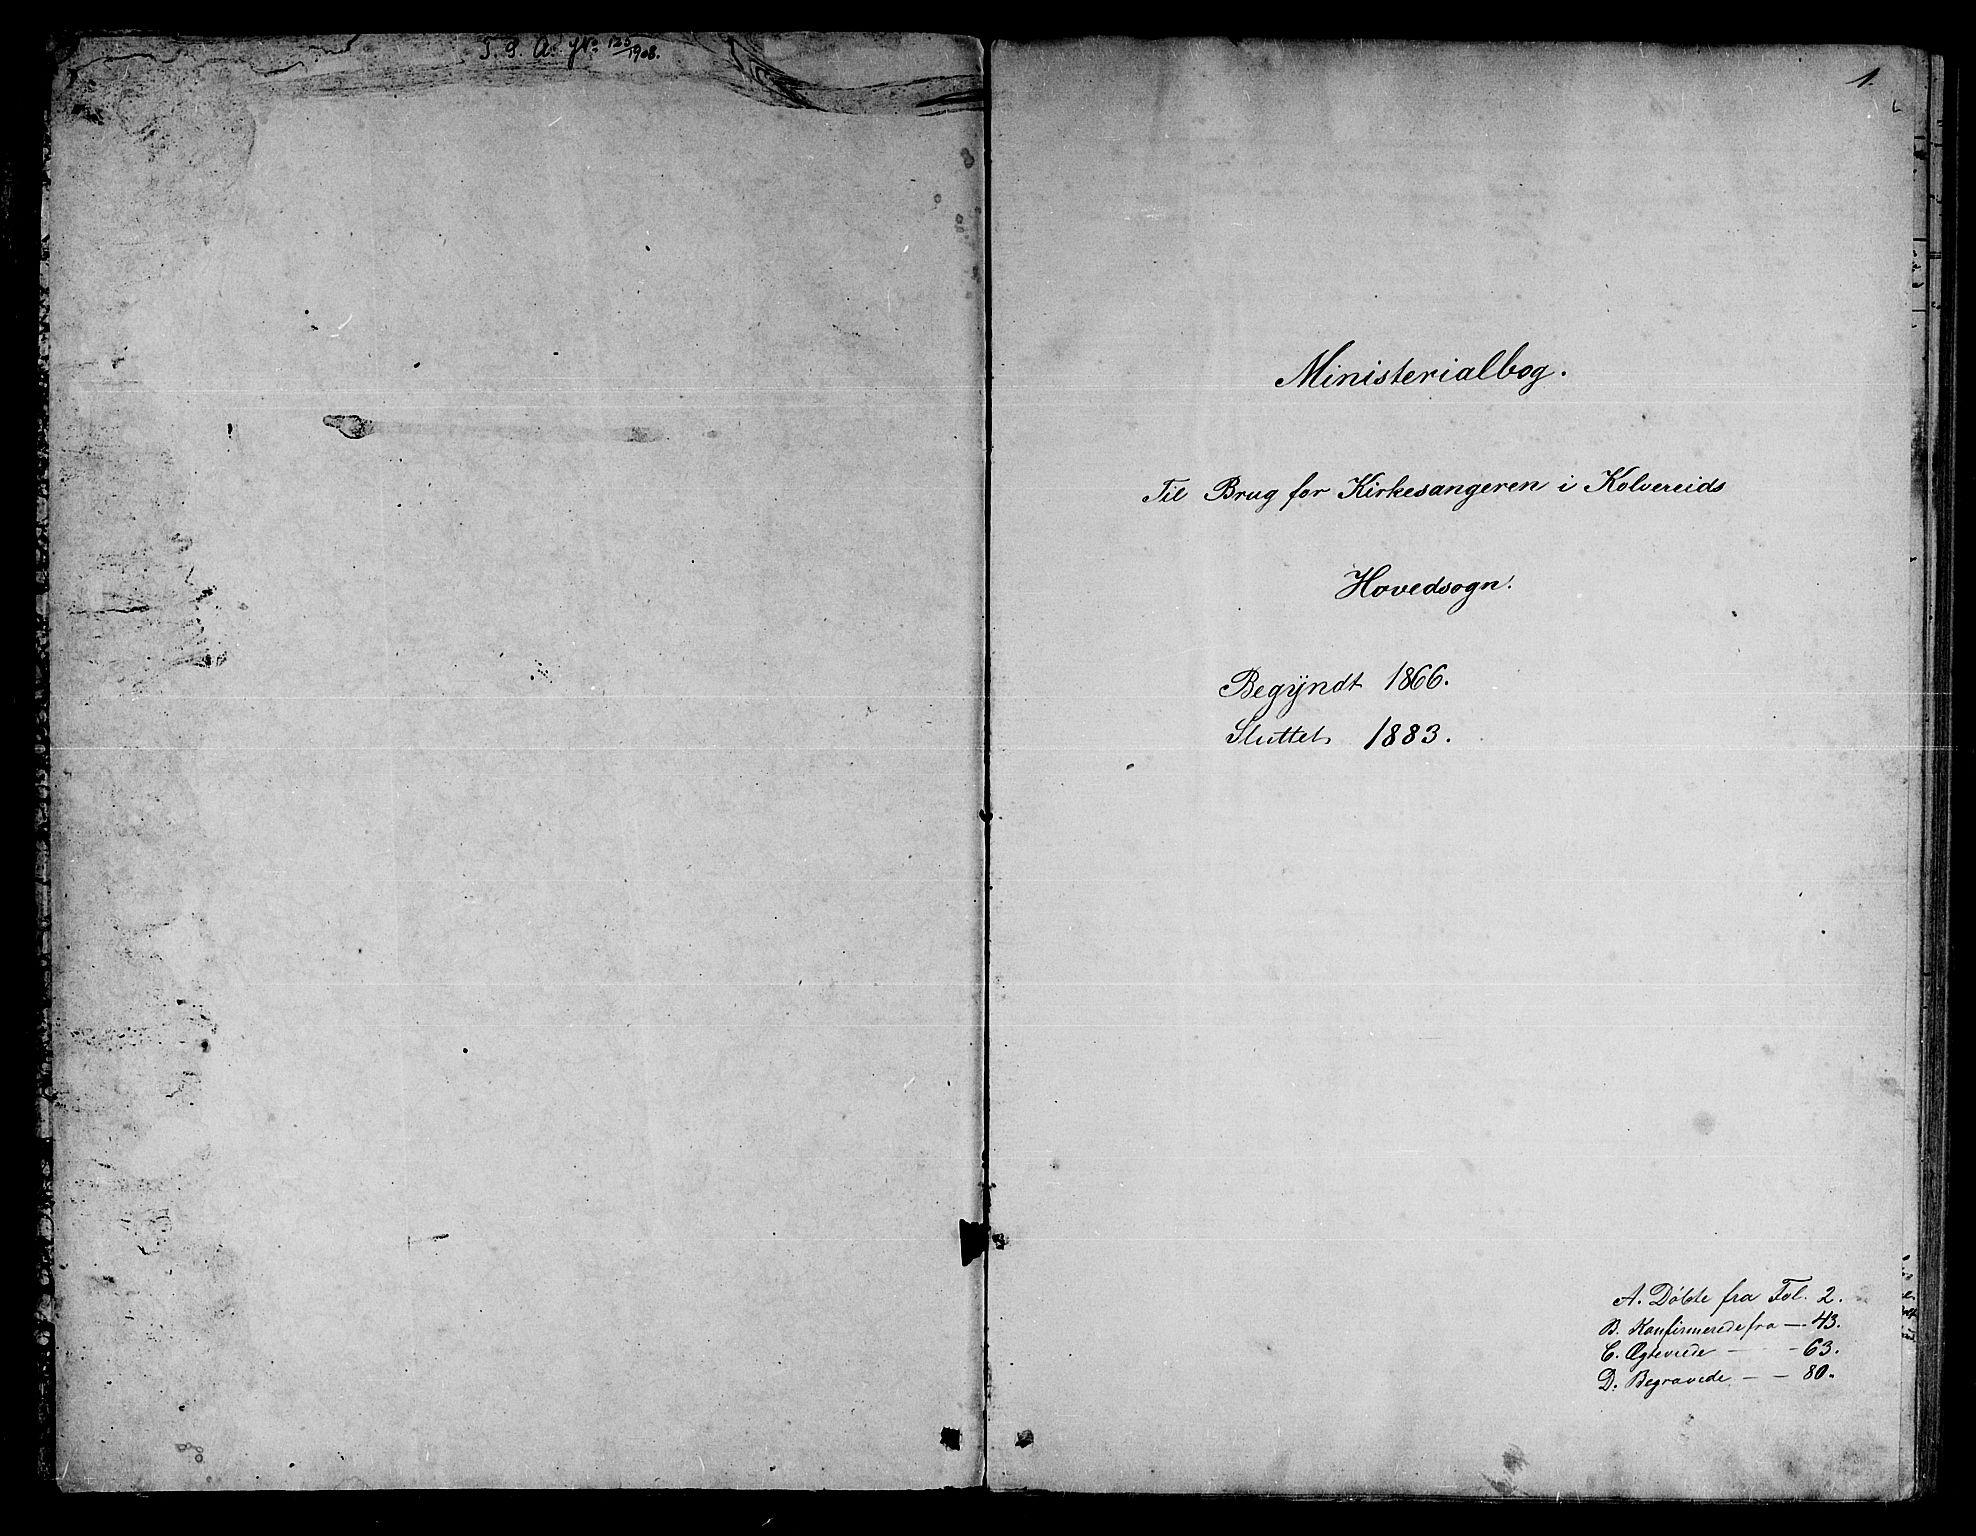 SAT, Ministerialprotokoller, klokkerbøker og fødselsregistre - Nord-Trøndelag, 780/L0650: Klokkerbok nr. 780C02, 1866-1884, s. 1